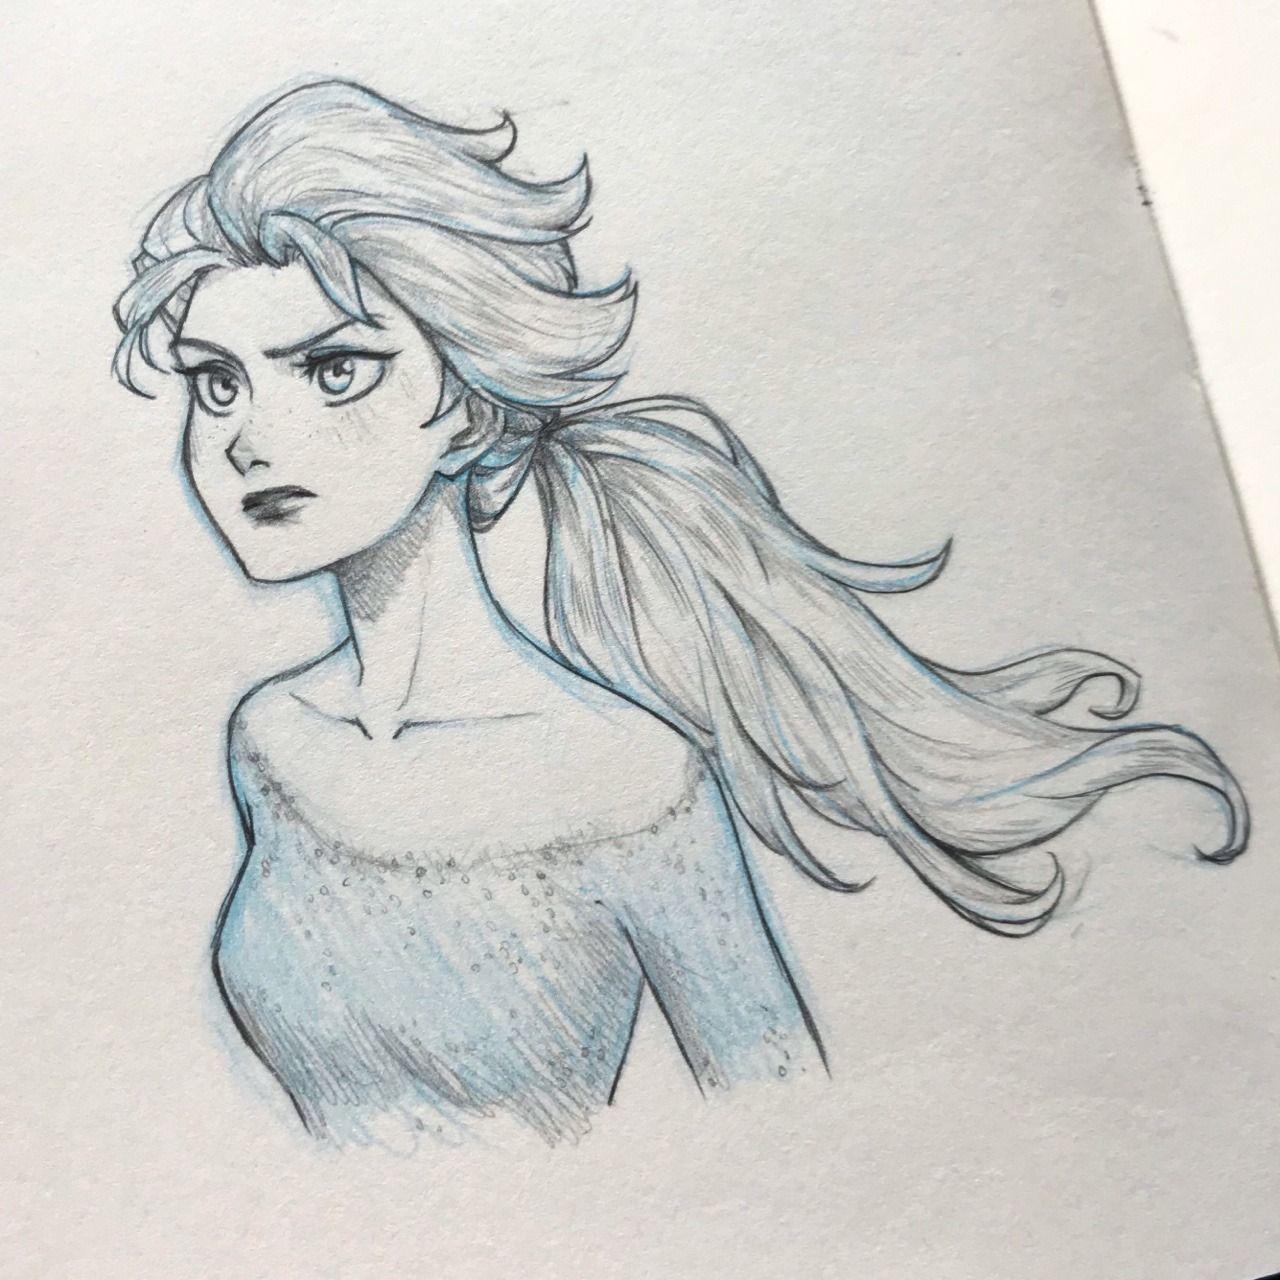 Elsa Frozen Drawings Disney Princess Drawings Disney Art